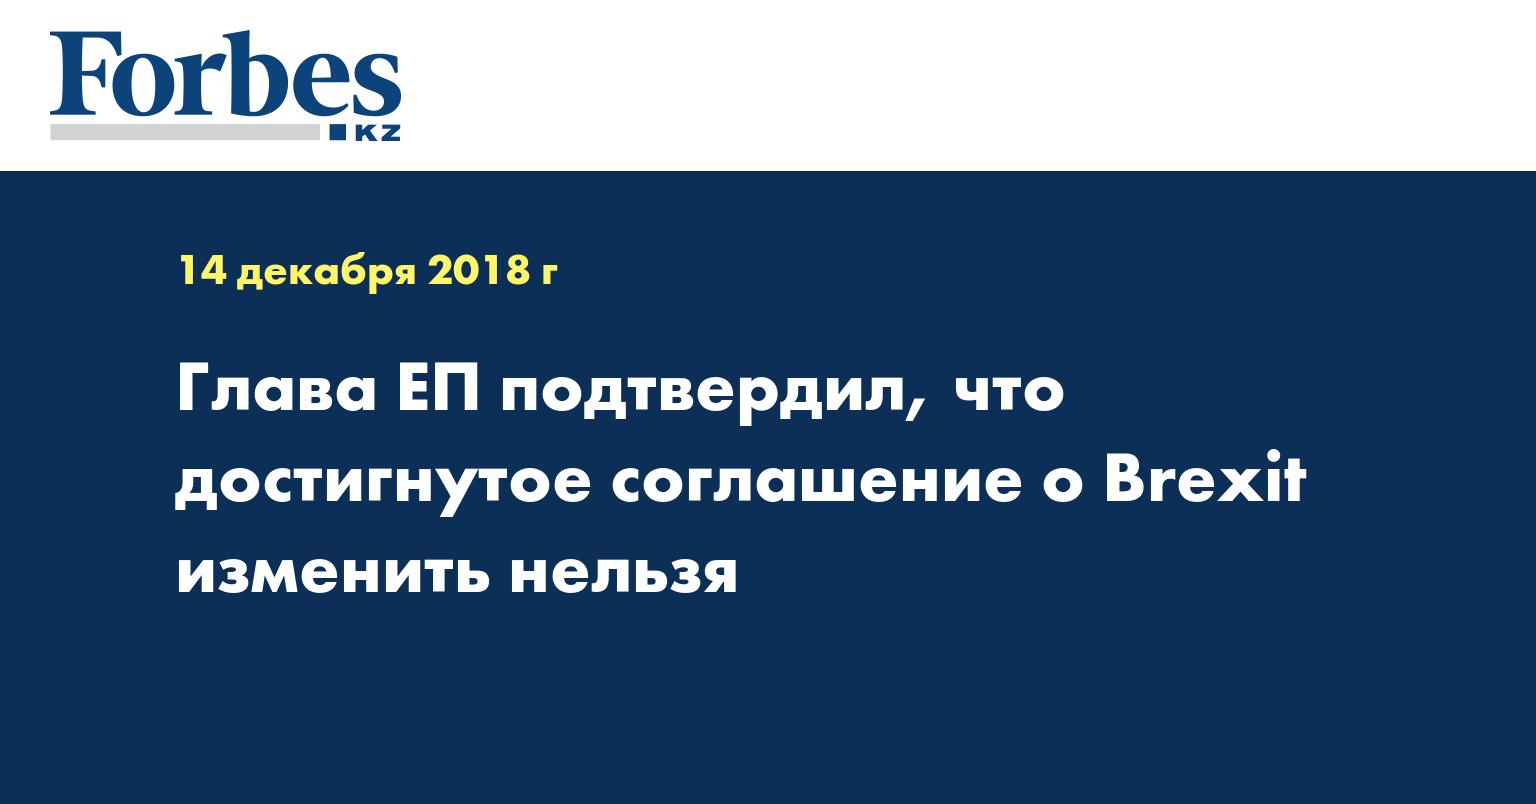 Глава ЕП подтвердил, что достигнутое соглашение о Brexit изменить нельзя